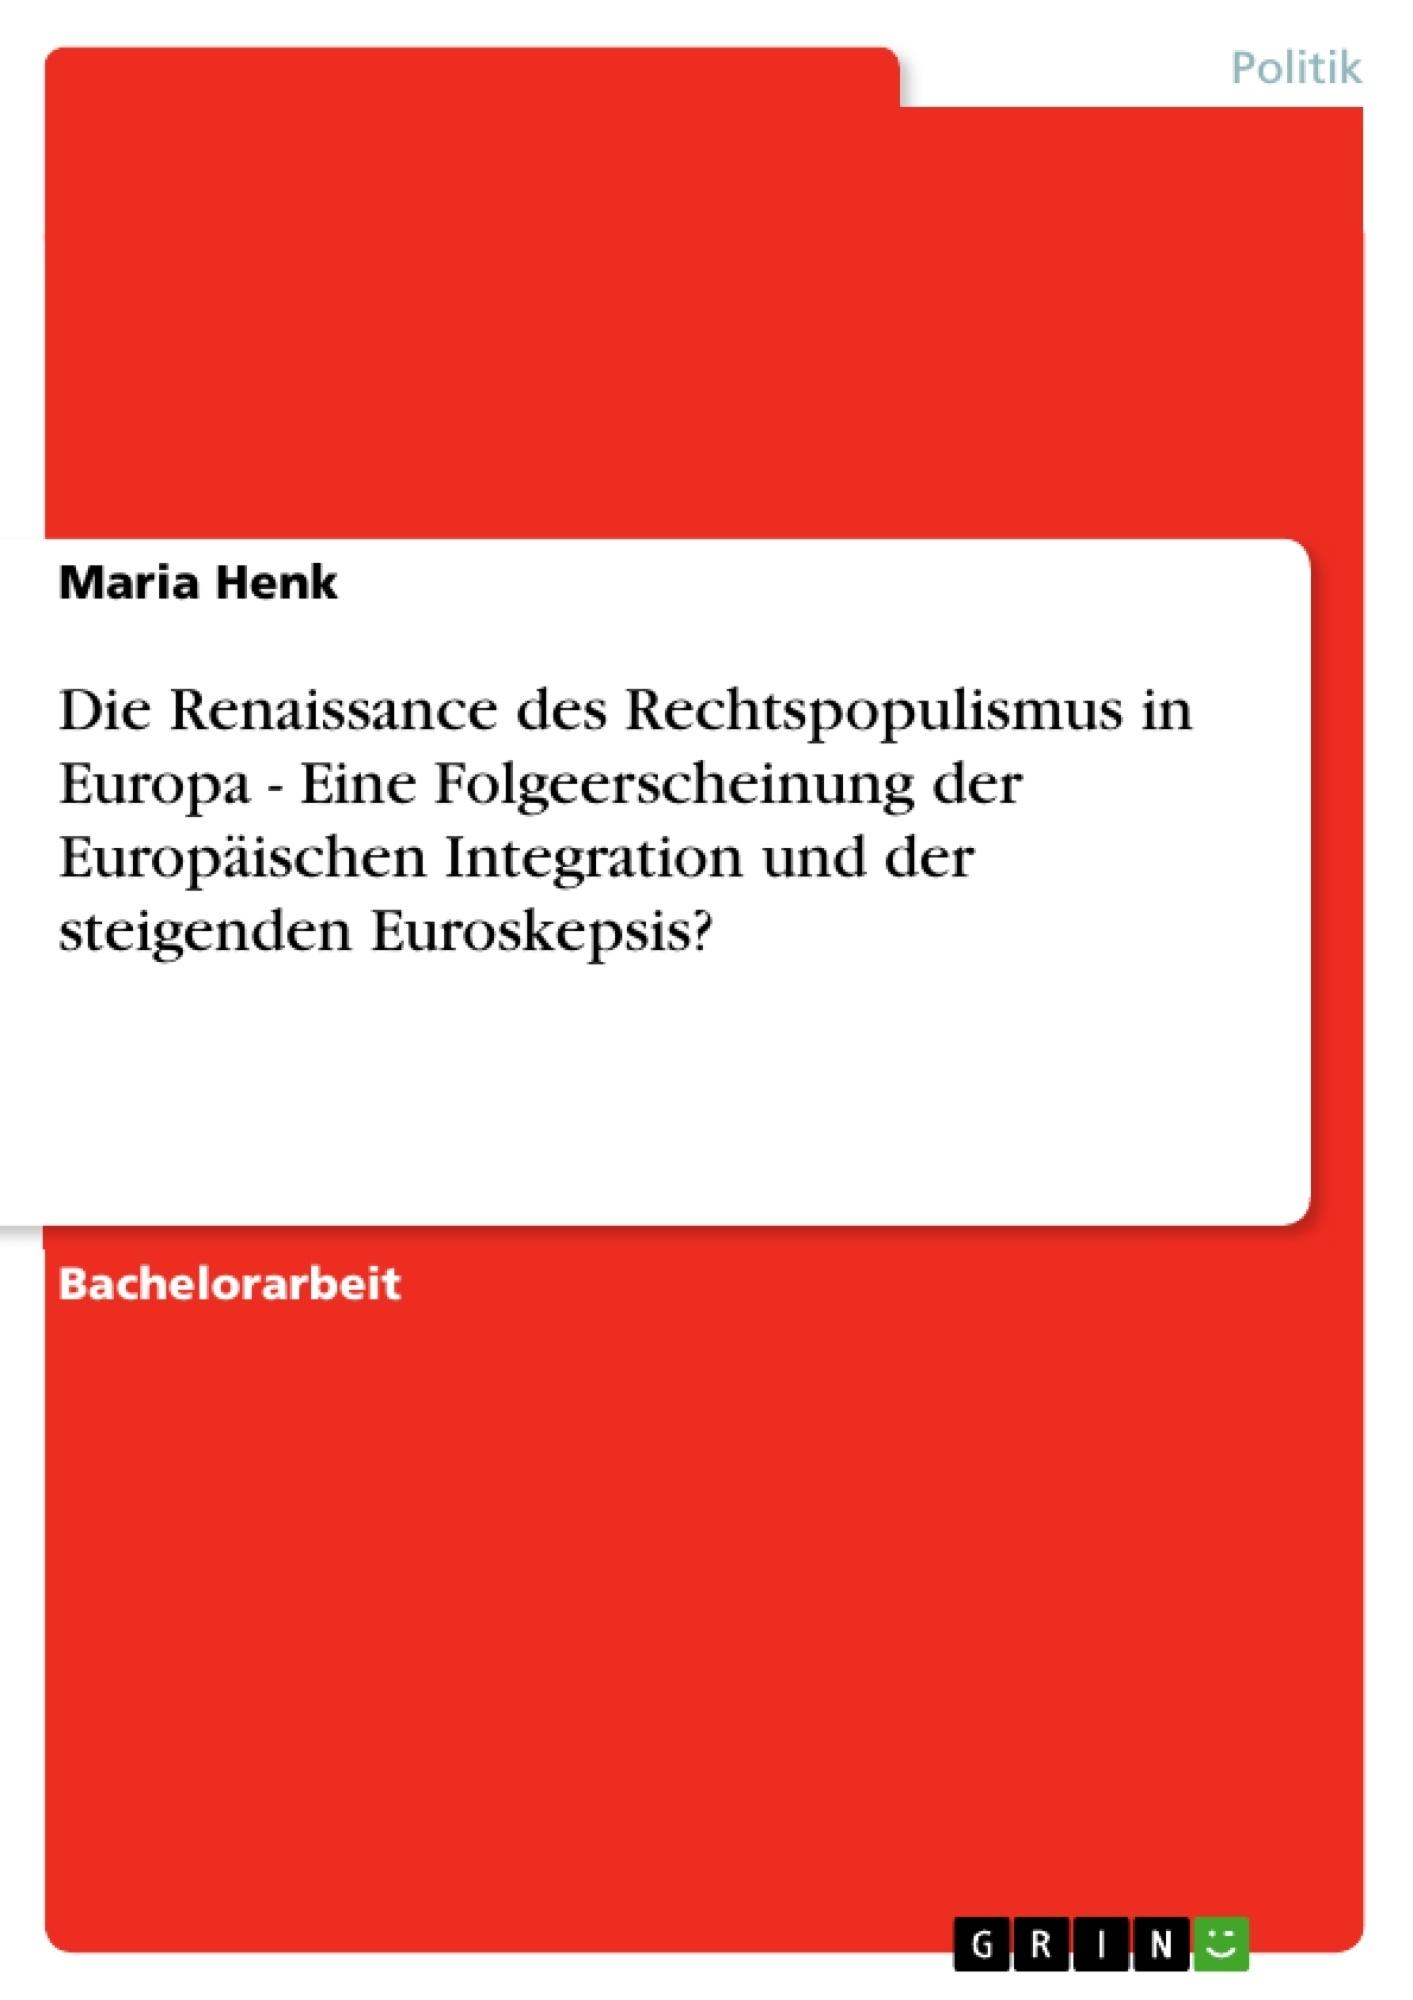 Titel: Die Renaissance des Rechtspopulismus in Europa - Eine Folgeerscheinung der Europäischen Integration und der steigenden Euroskepsis?